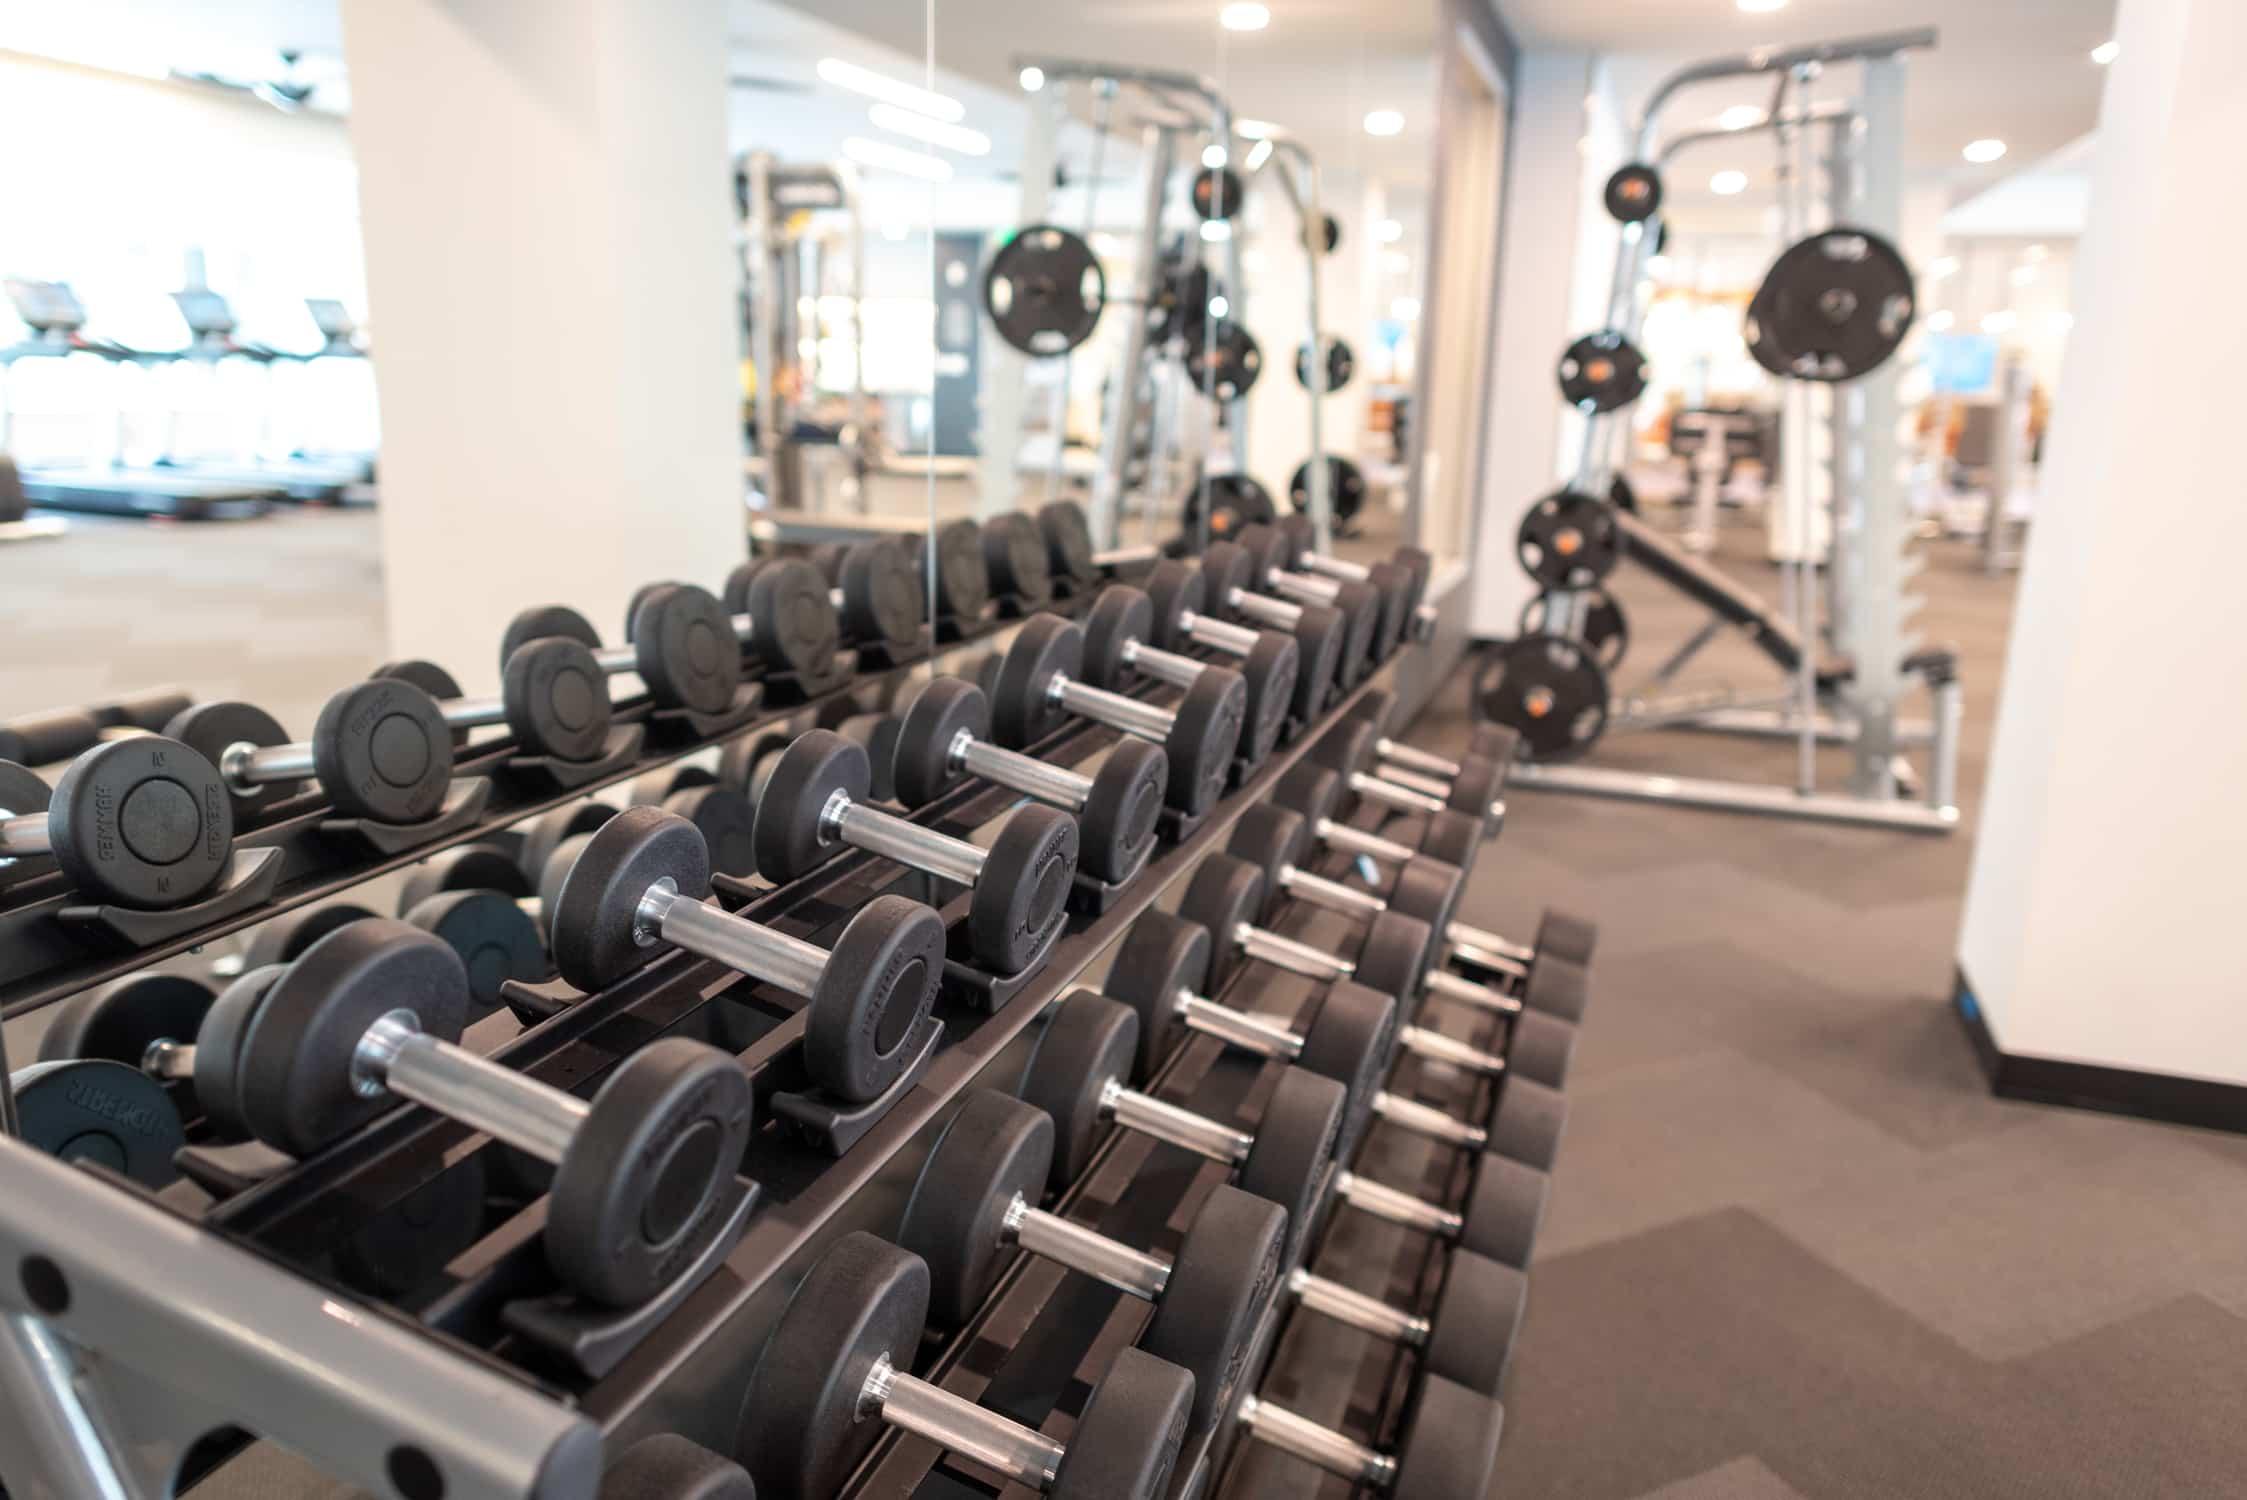 Weight lift